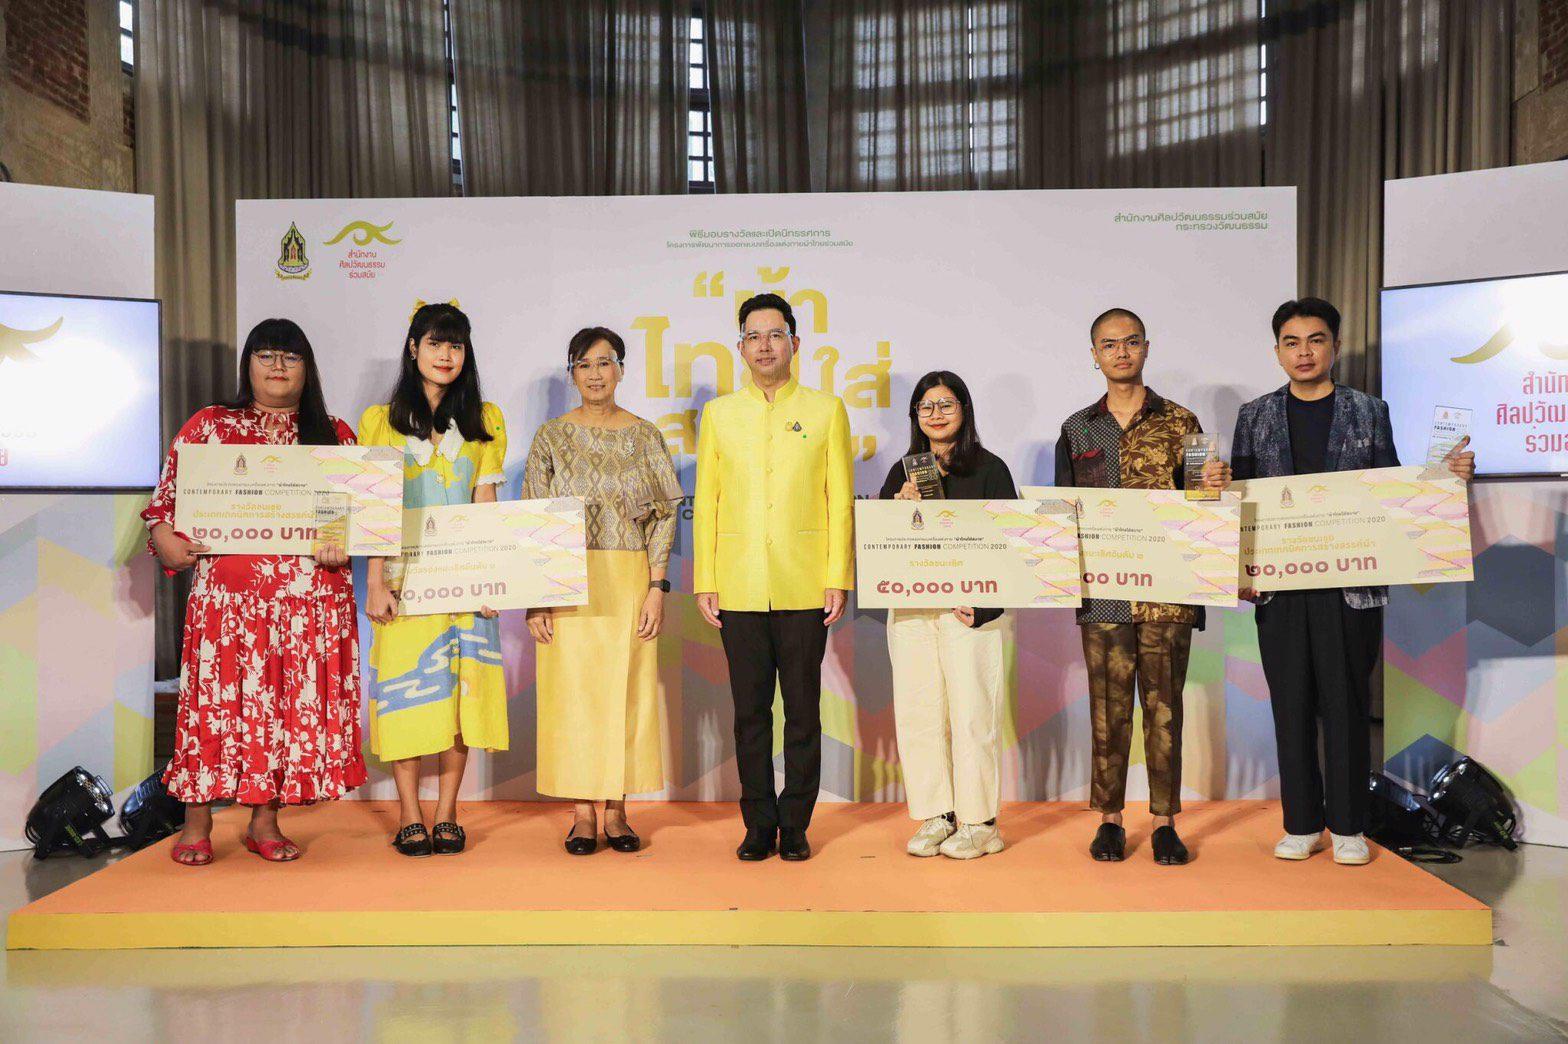 """รมว.วธ. มอบรางวัลผู้ชนะประกวดออกแบบเครื่องแต่งกายและเปิดนิทรรศการ """"ผ้าไทยใส่สบาย"""" ปี 2563"""